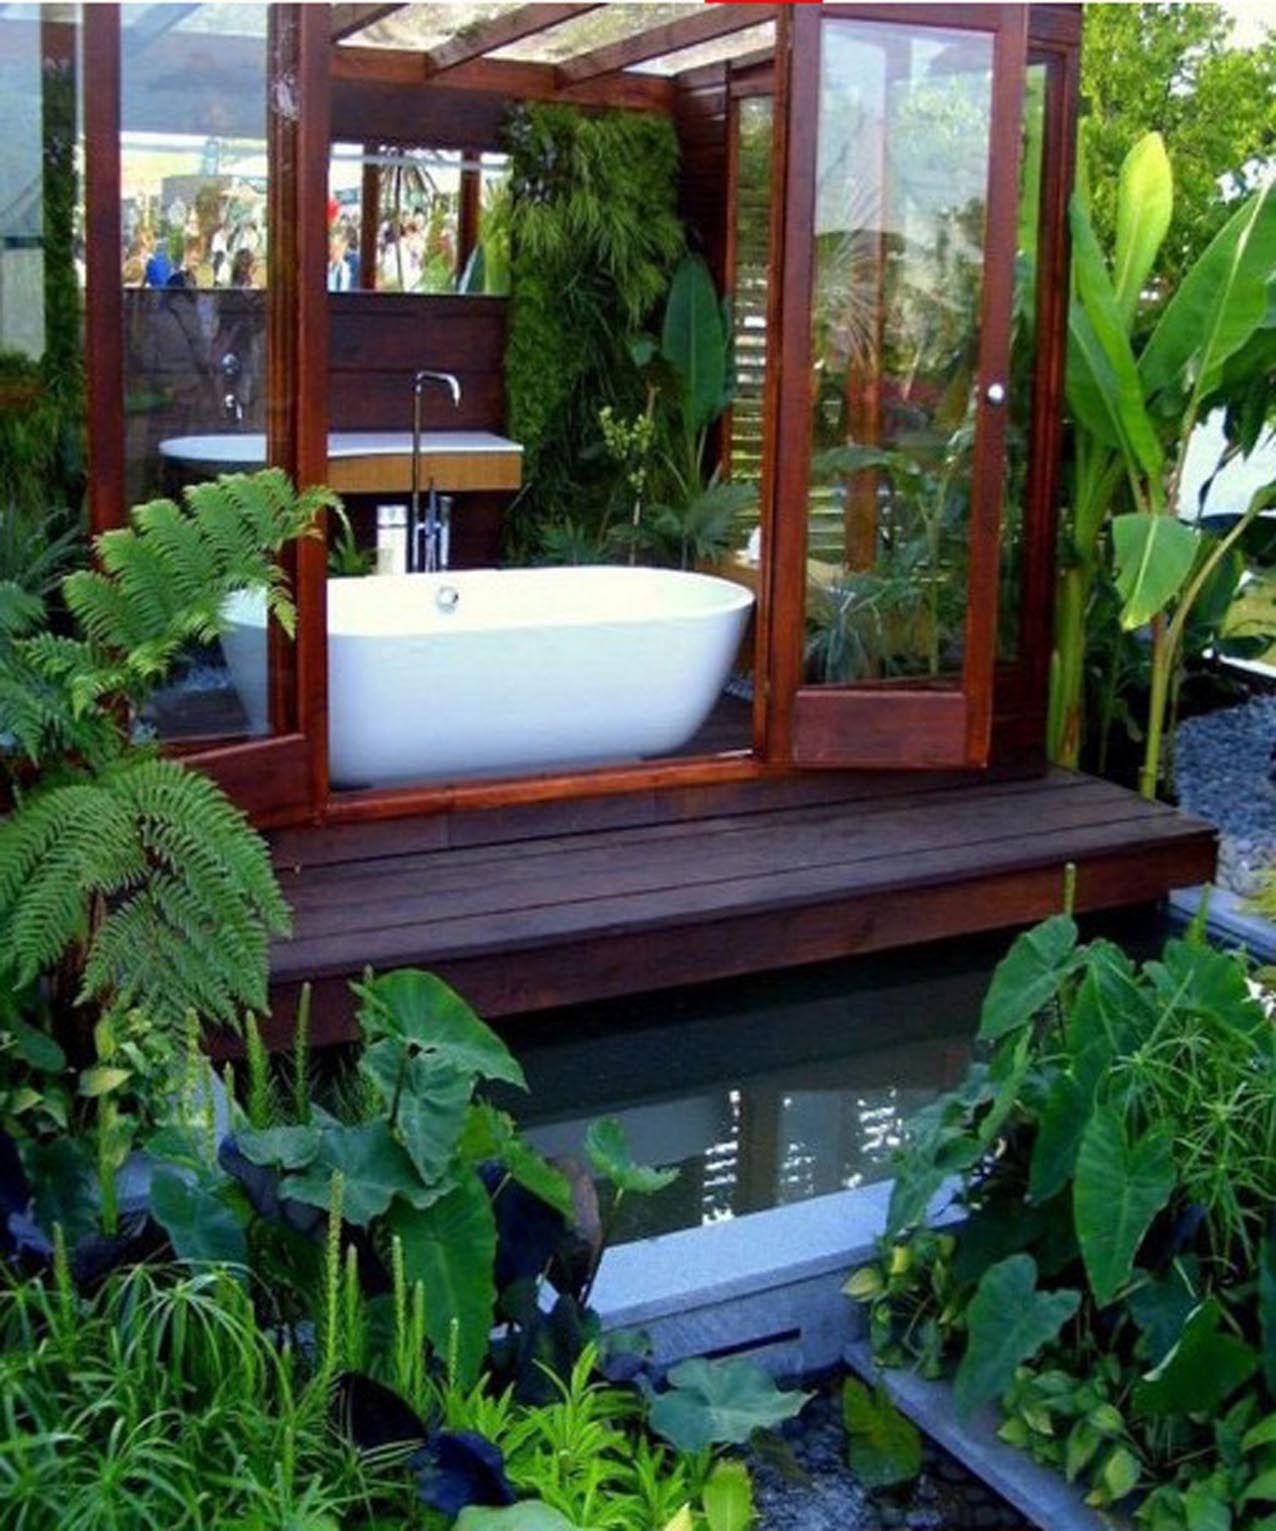 Beautiful Home Gardens Designs Ideas: Home Garden Design Ideas Vegetable Garden Ideas And